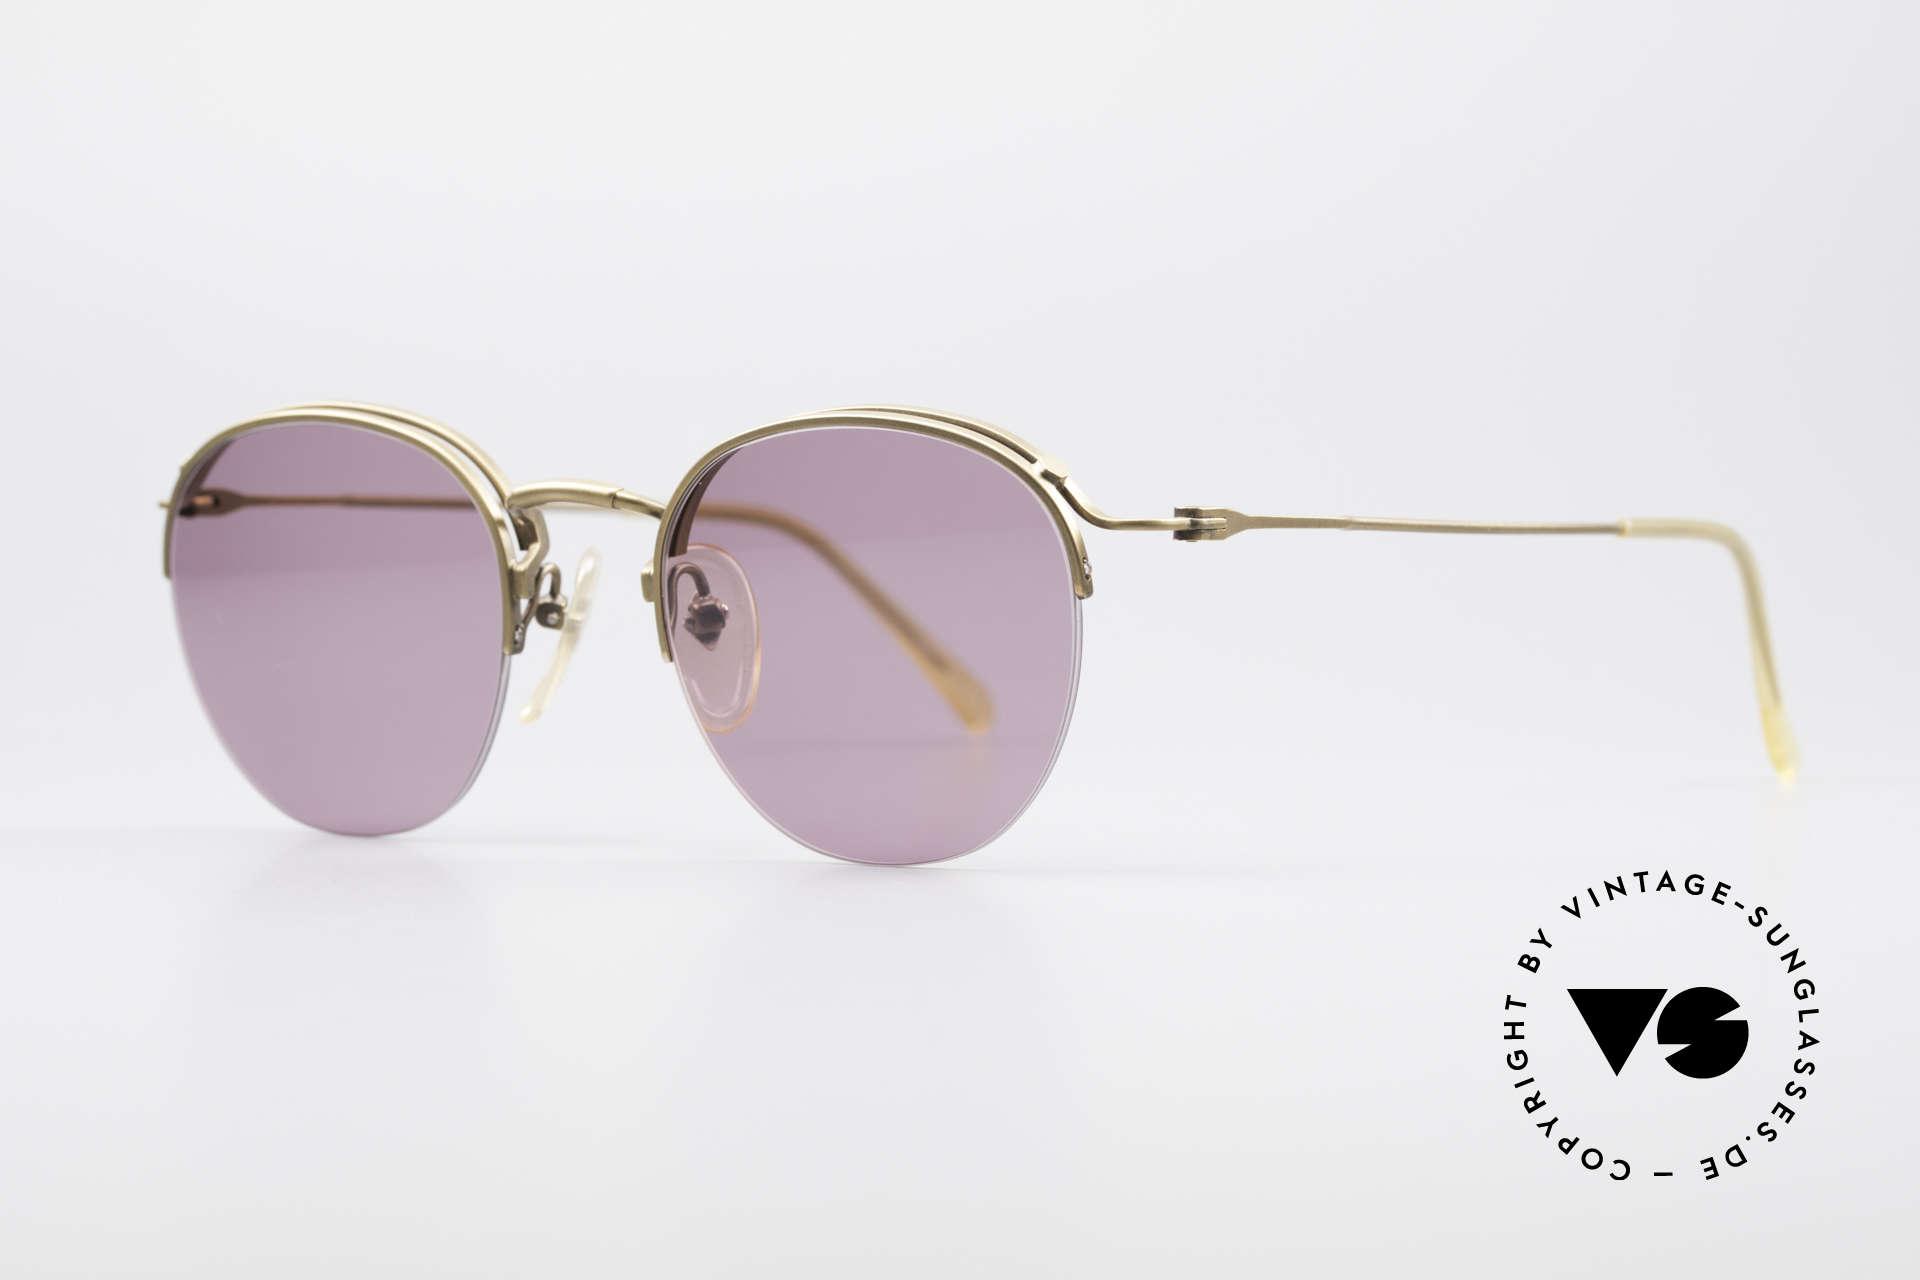 Jean Paul Gaultier 55-1172 True Vintage Sonnenbrille, Rahmenkonstruktion mit randloser Glasfassung, Passend für Herren und Damen